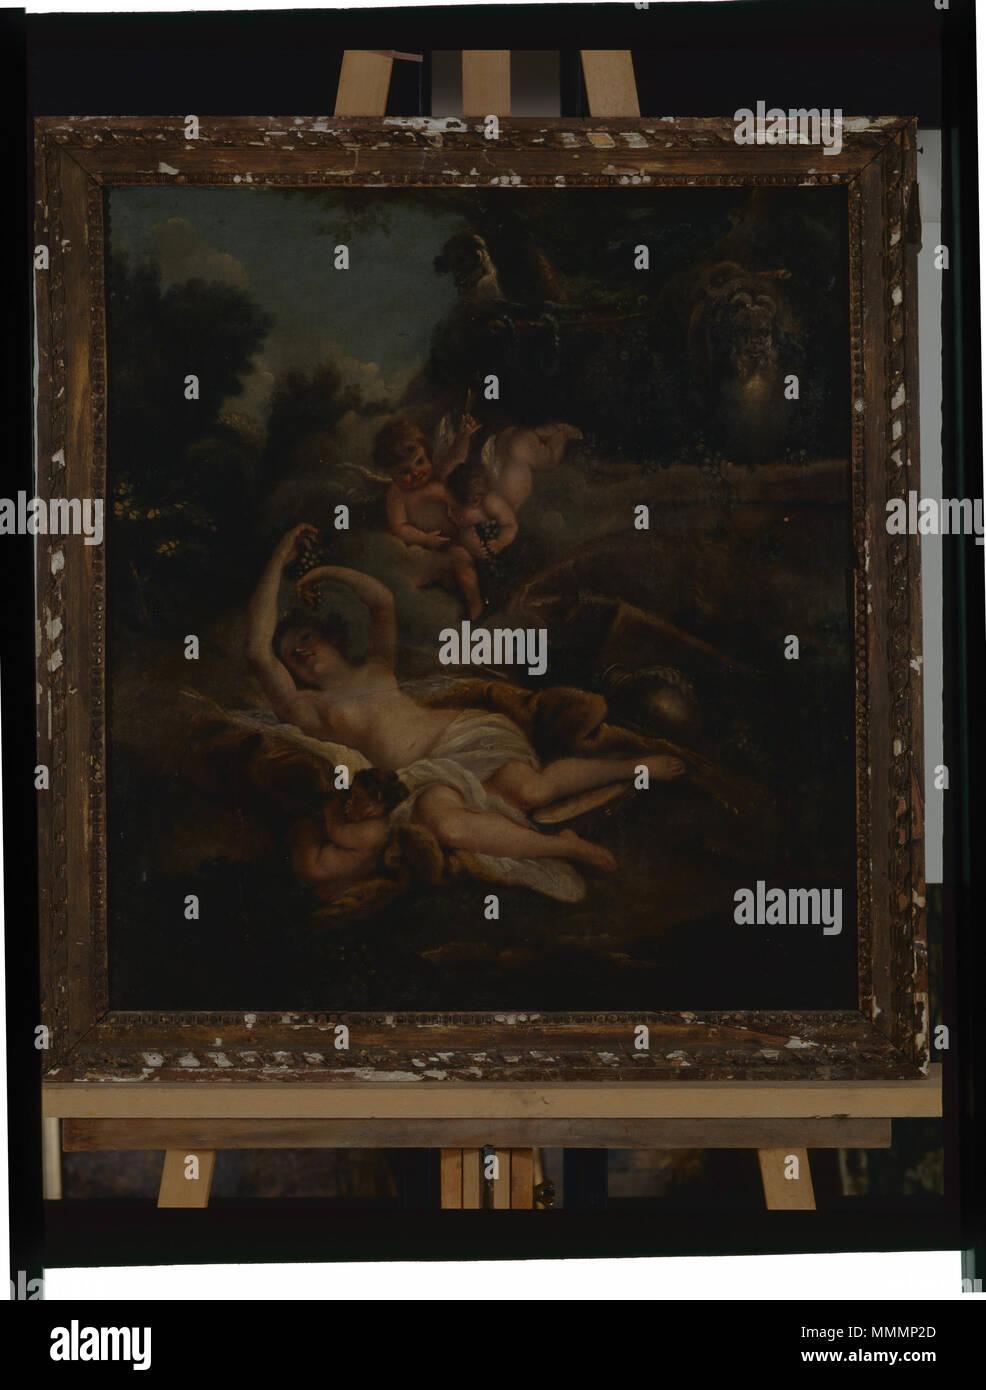 Femme nue couchée - anonyme - musée d'art et d'histoire de Saint-Brieuc, 228 Stock Photo